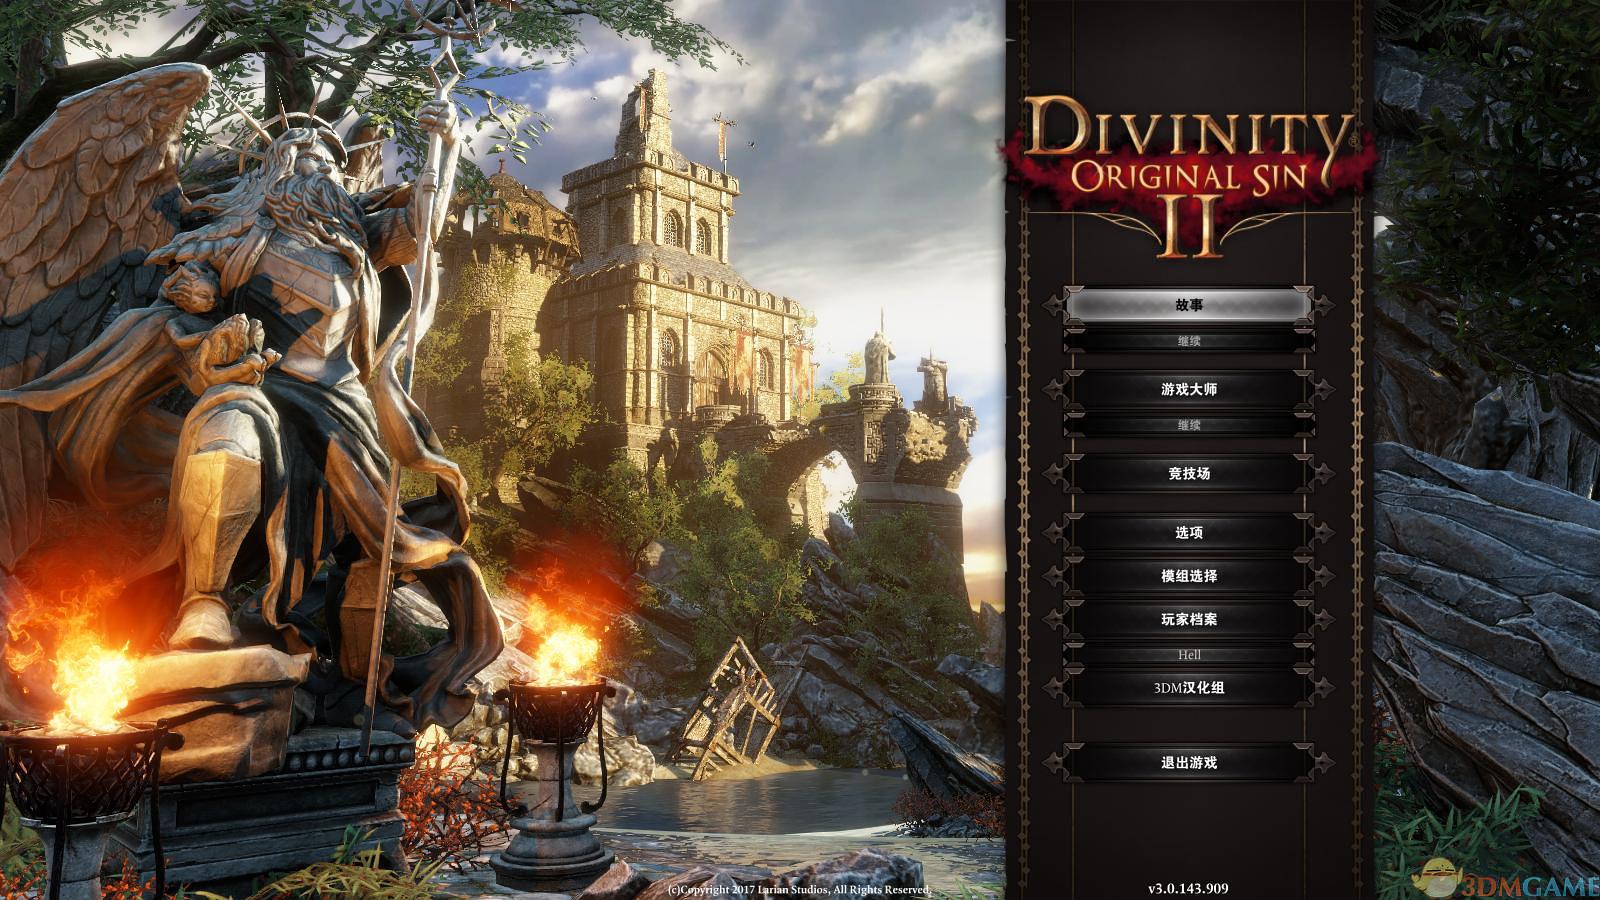 神界:原罪2 v3.0.169.700升级档+未加密补丁[3DM]